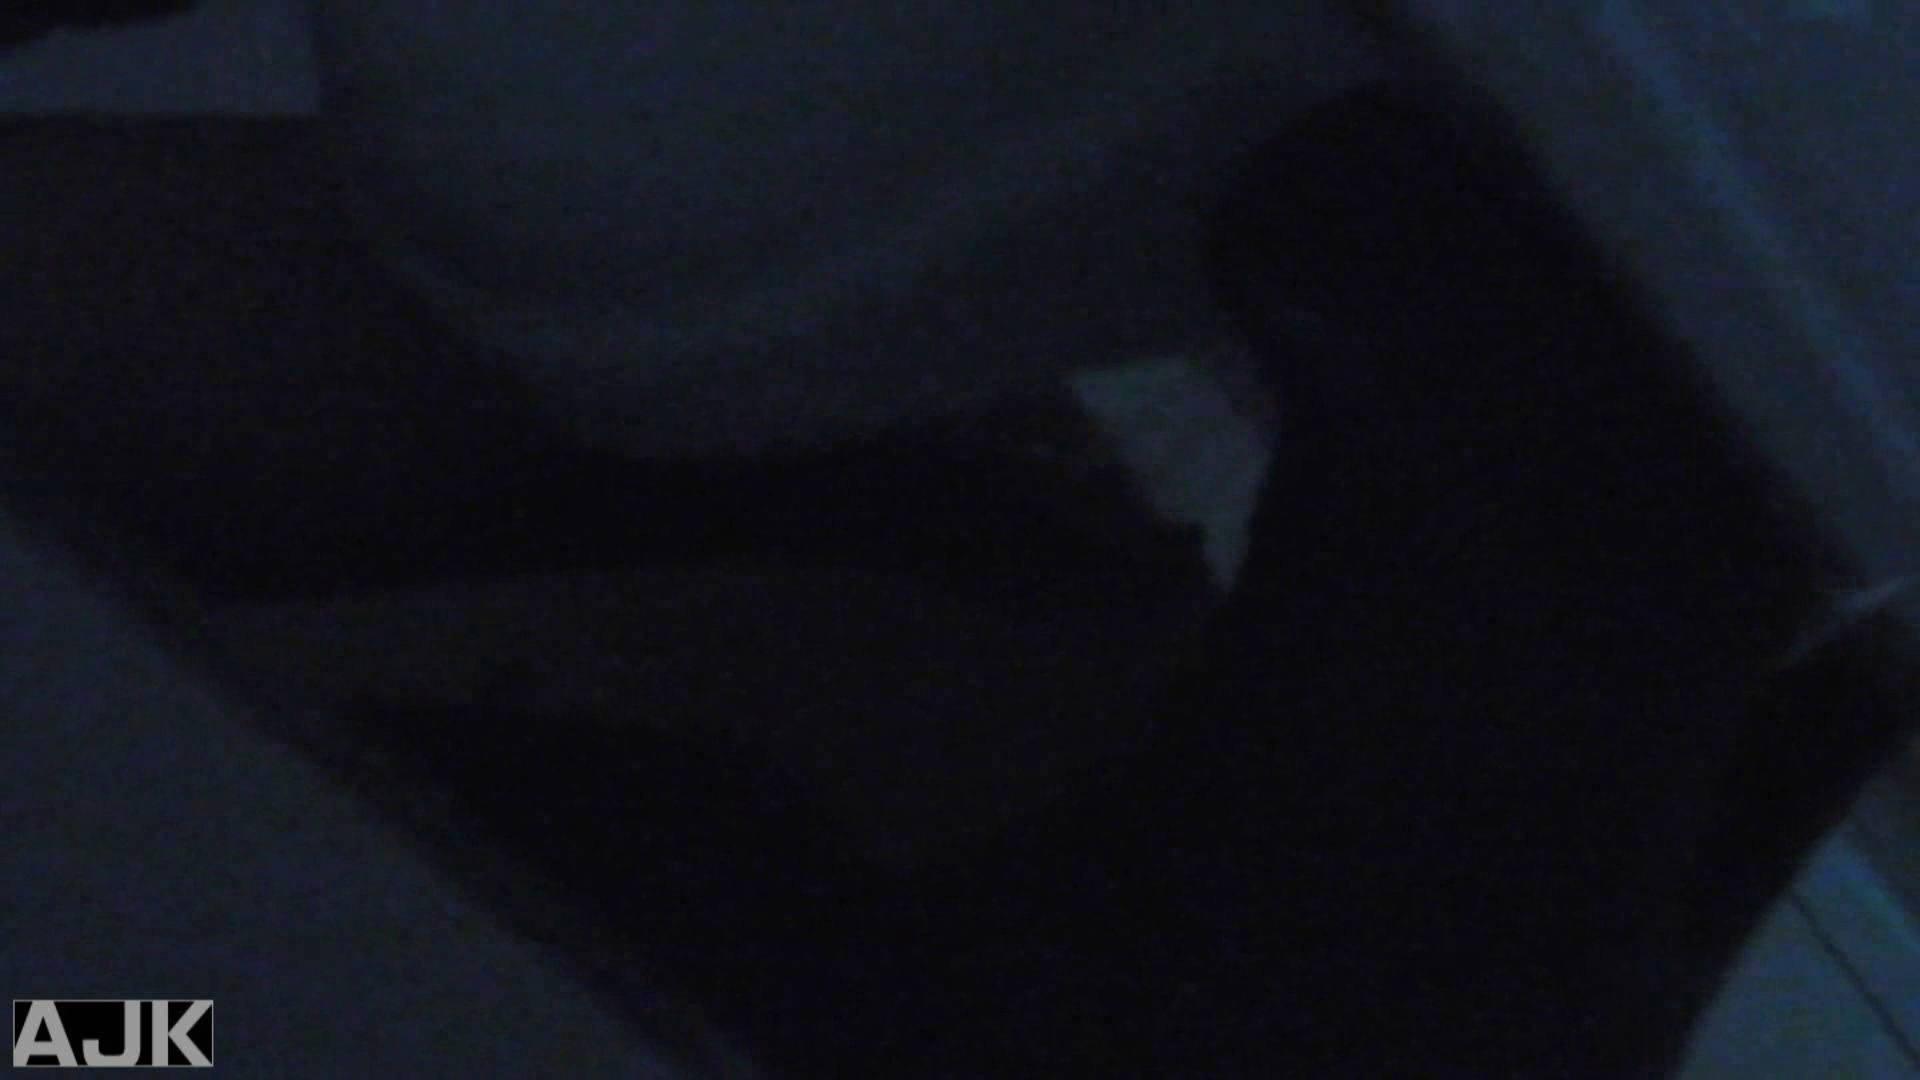 神降臨!史上最強の潜入かわや! vol.05 盗撮 オマンコ無修正動画無料 81画像 45